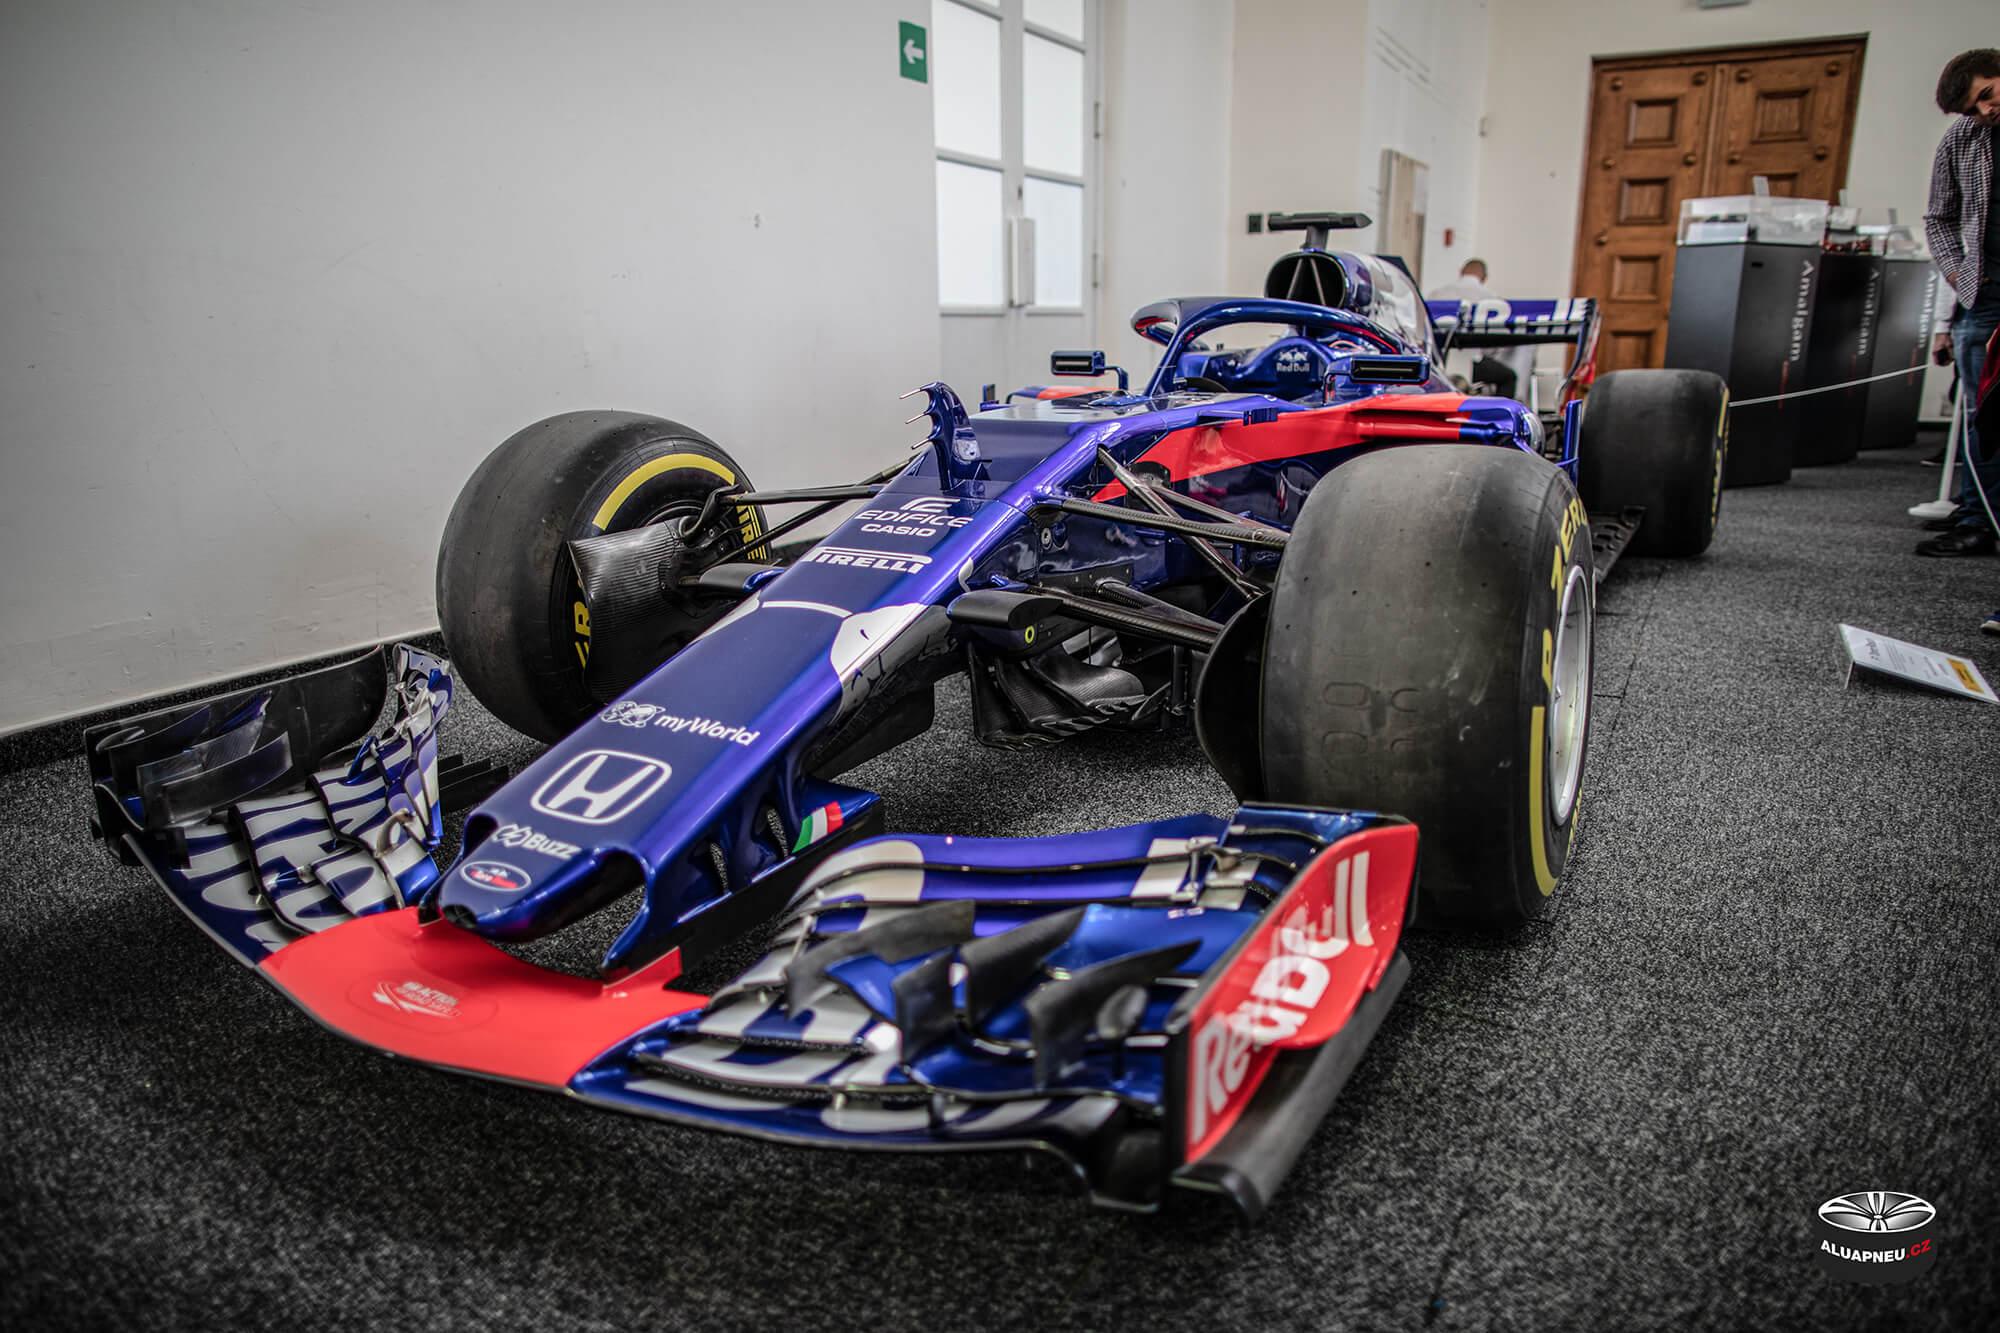 Formule F1 - Automobilové Legendy 2019 - www.aluapneu.cz